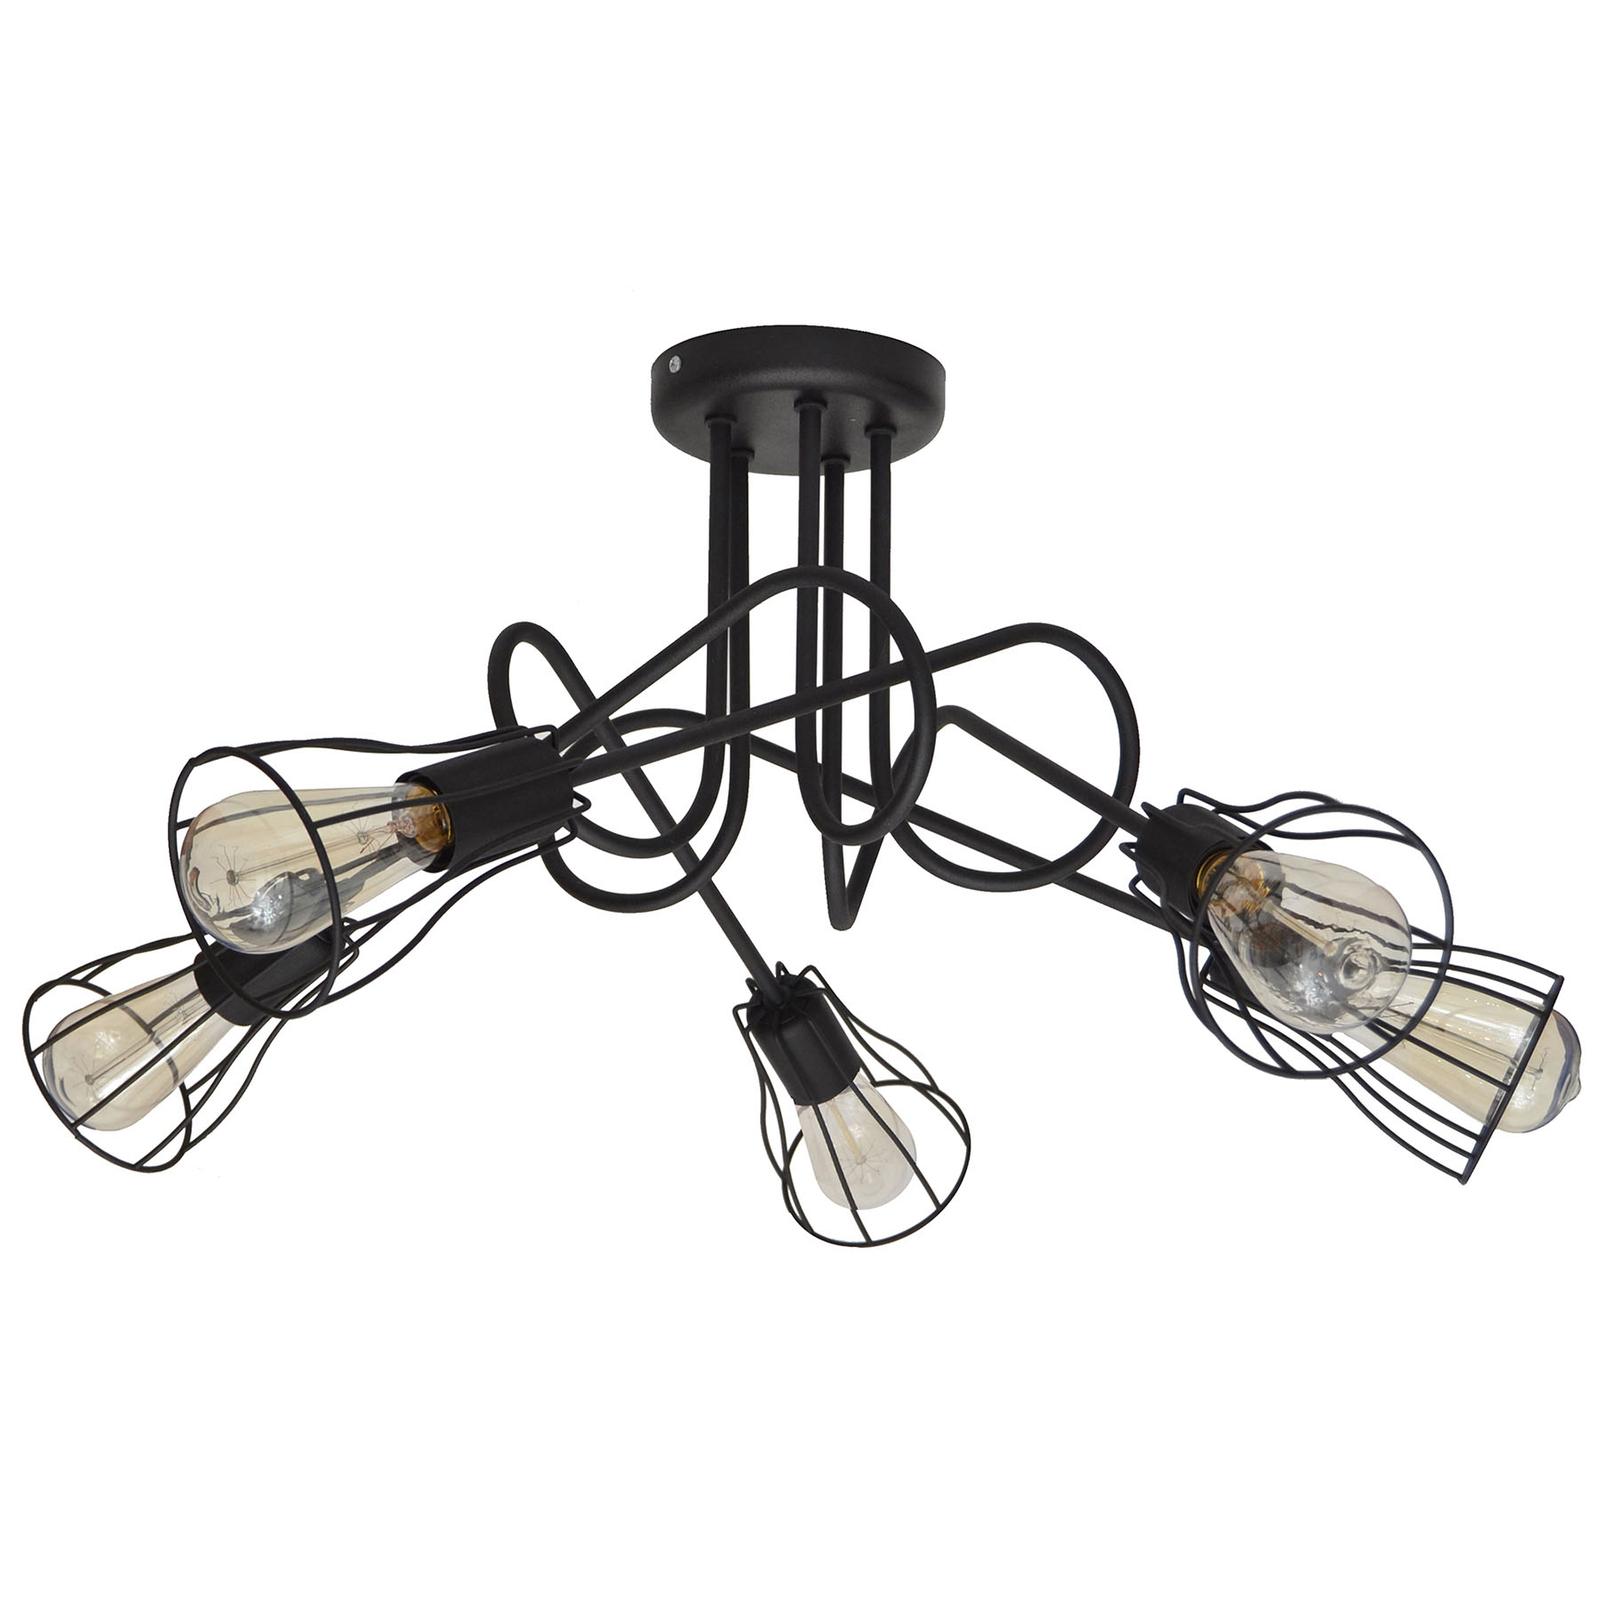 Deckenlampe Oxford 5fl. mit Käfigschirmen schwarz